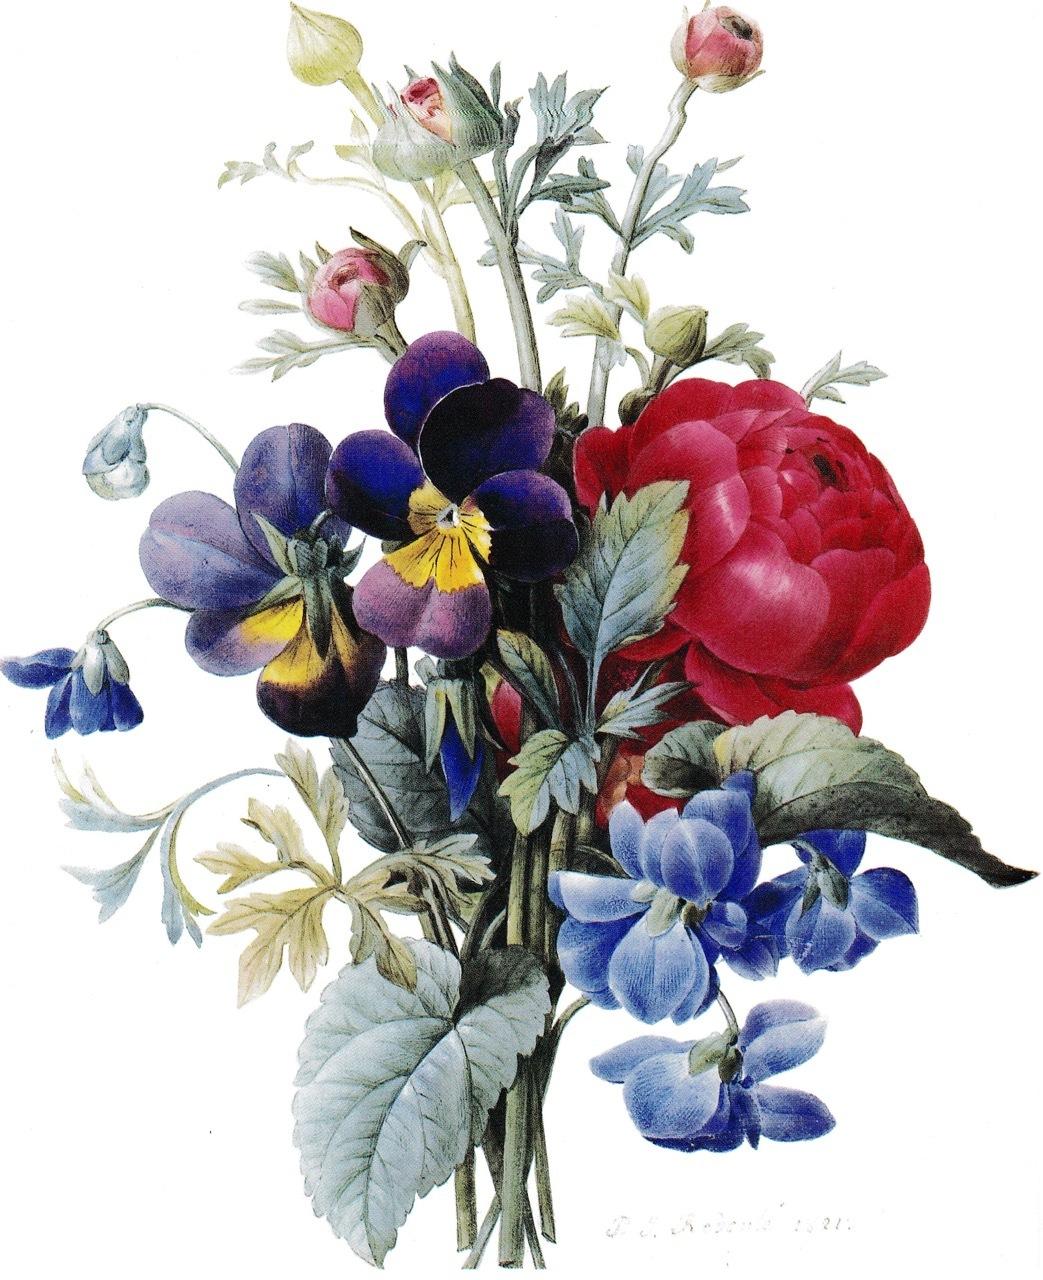 山梨県立美術館「花の画家 ルドゥーテのバラ」展  みどころ(1)_e0356356_15533649.jpg